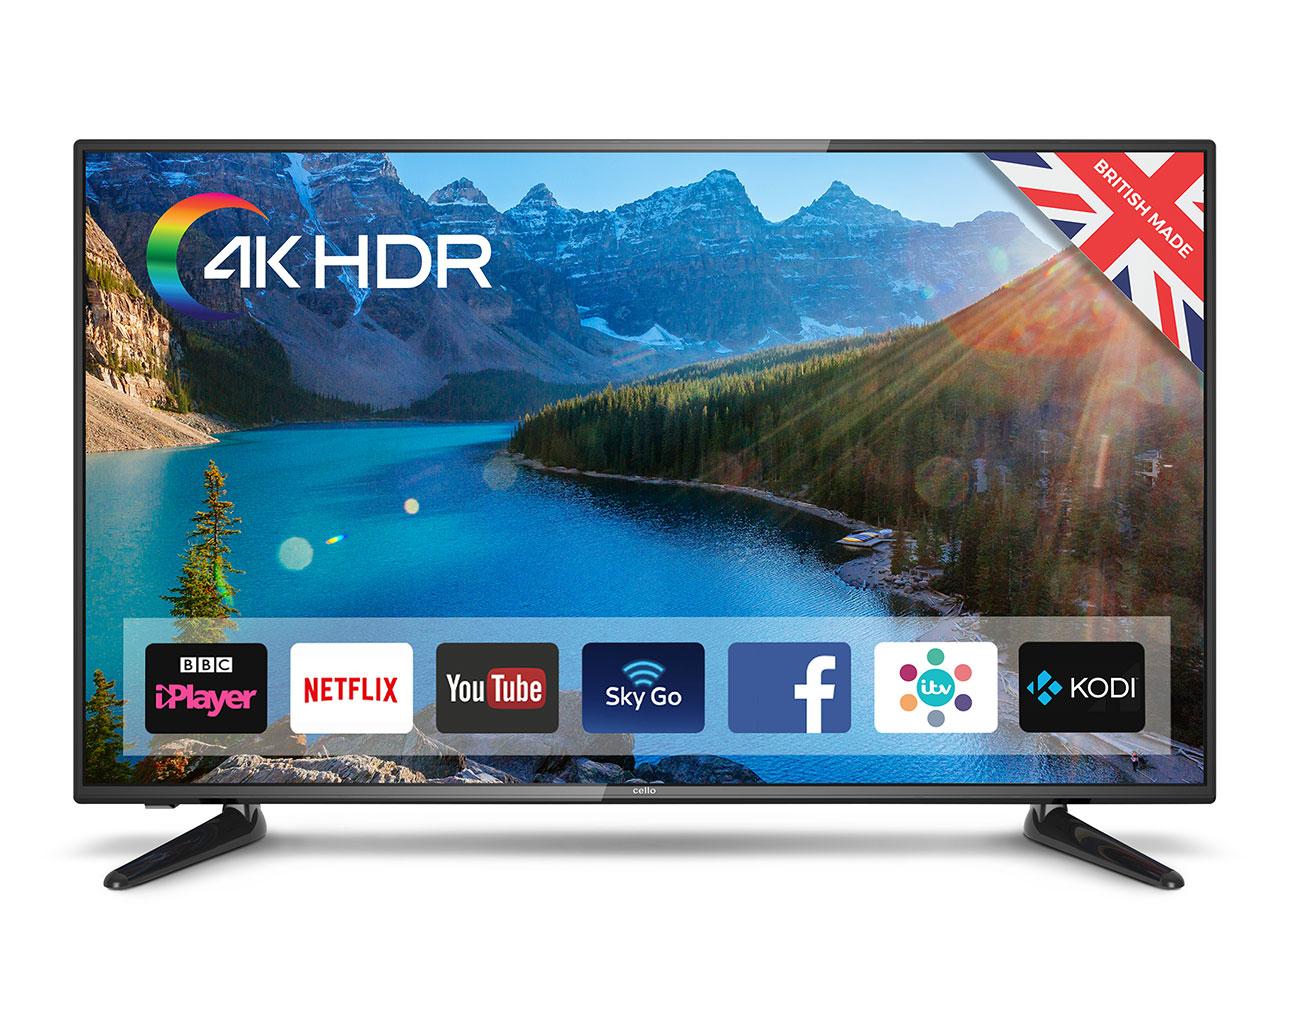 43IN LED UHD 3840X2160 16:9 C43SFS4K 1200:1 HDMI             IN